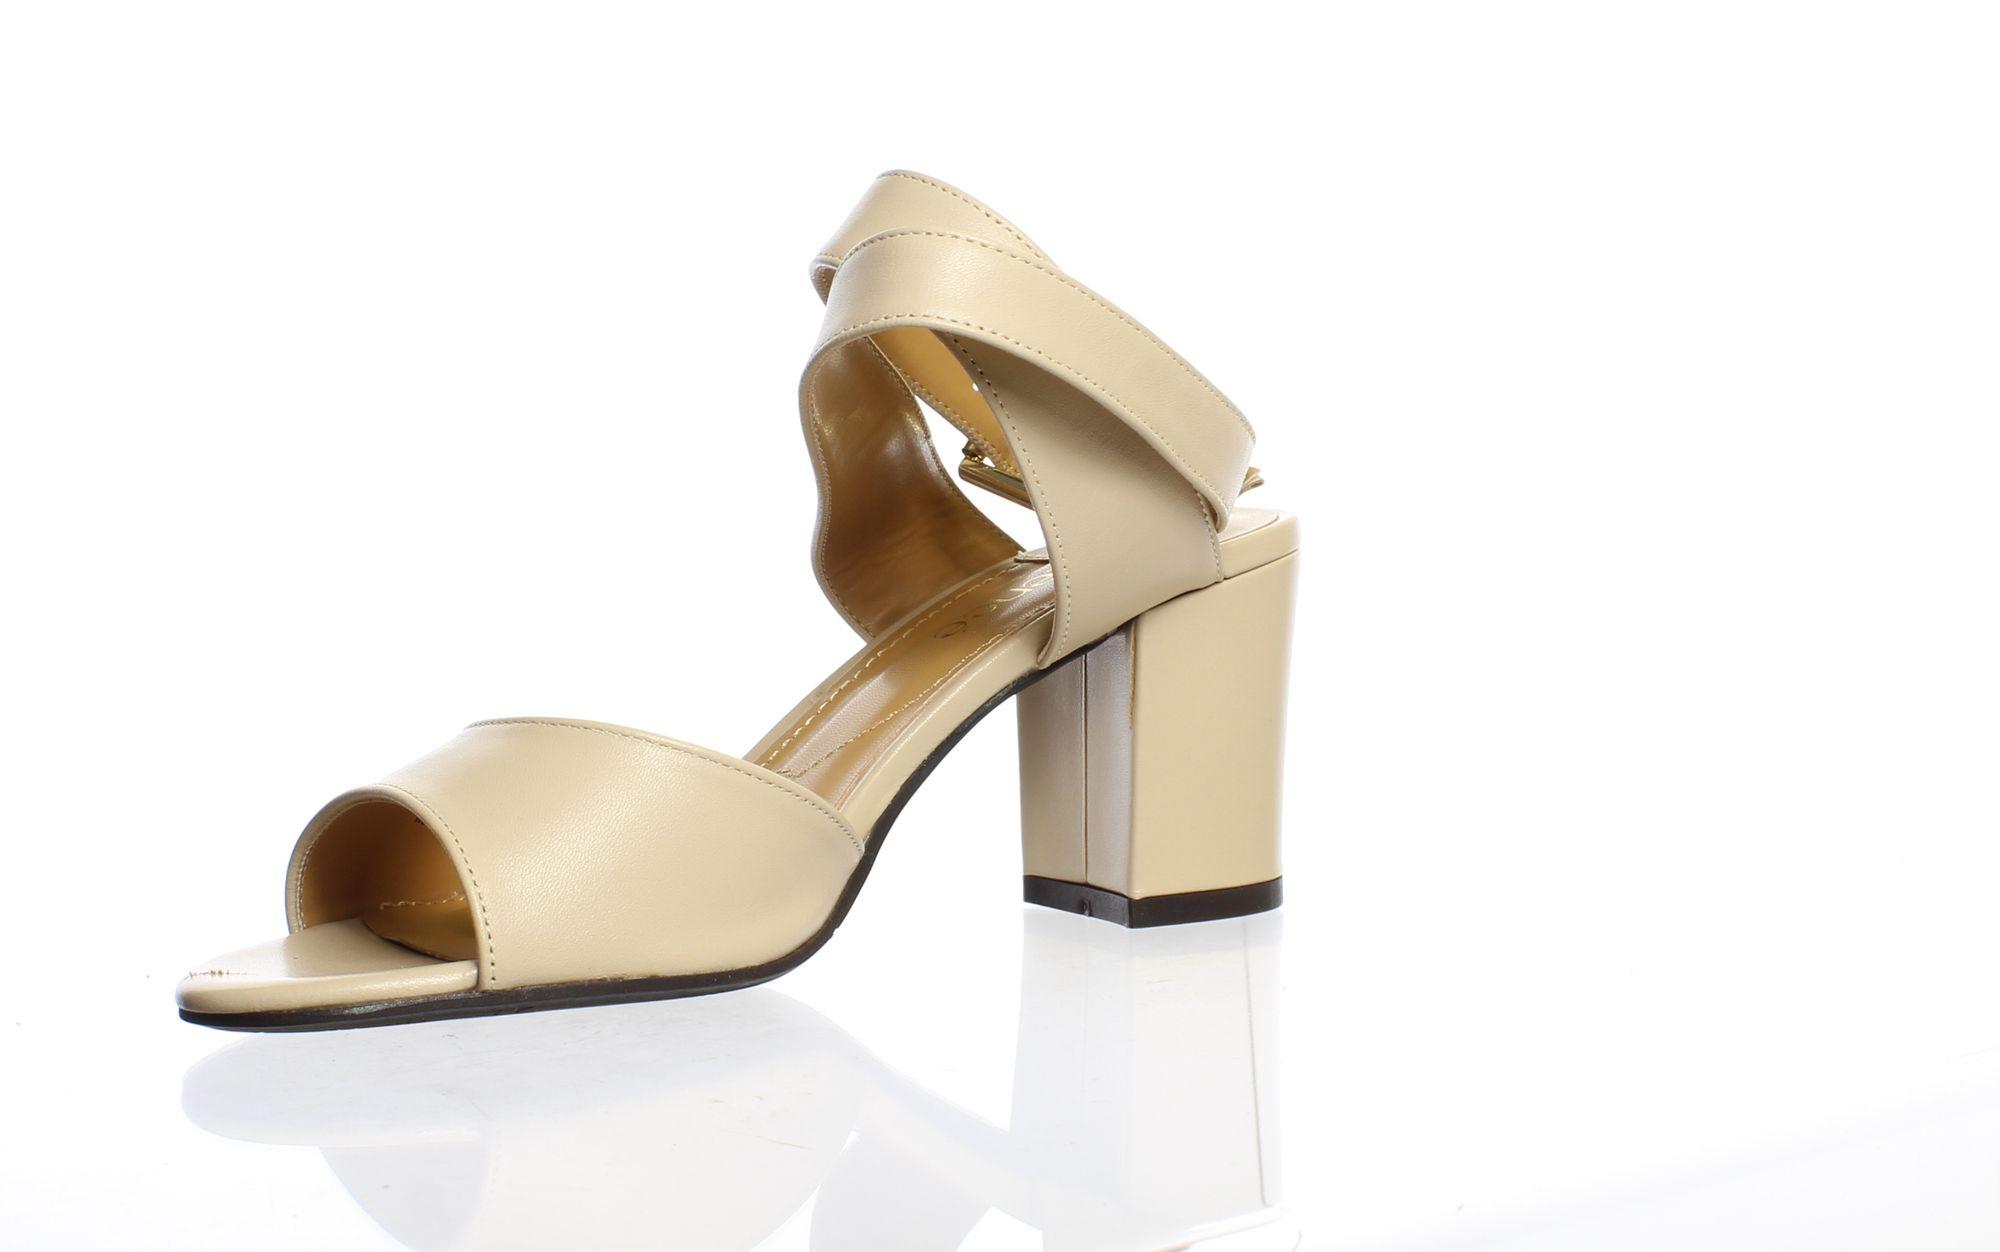 J. Renee Womens Drizella Nude Ankle Strap Heels Size 8